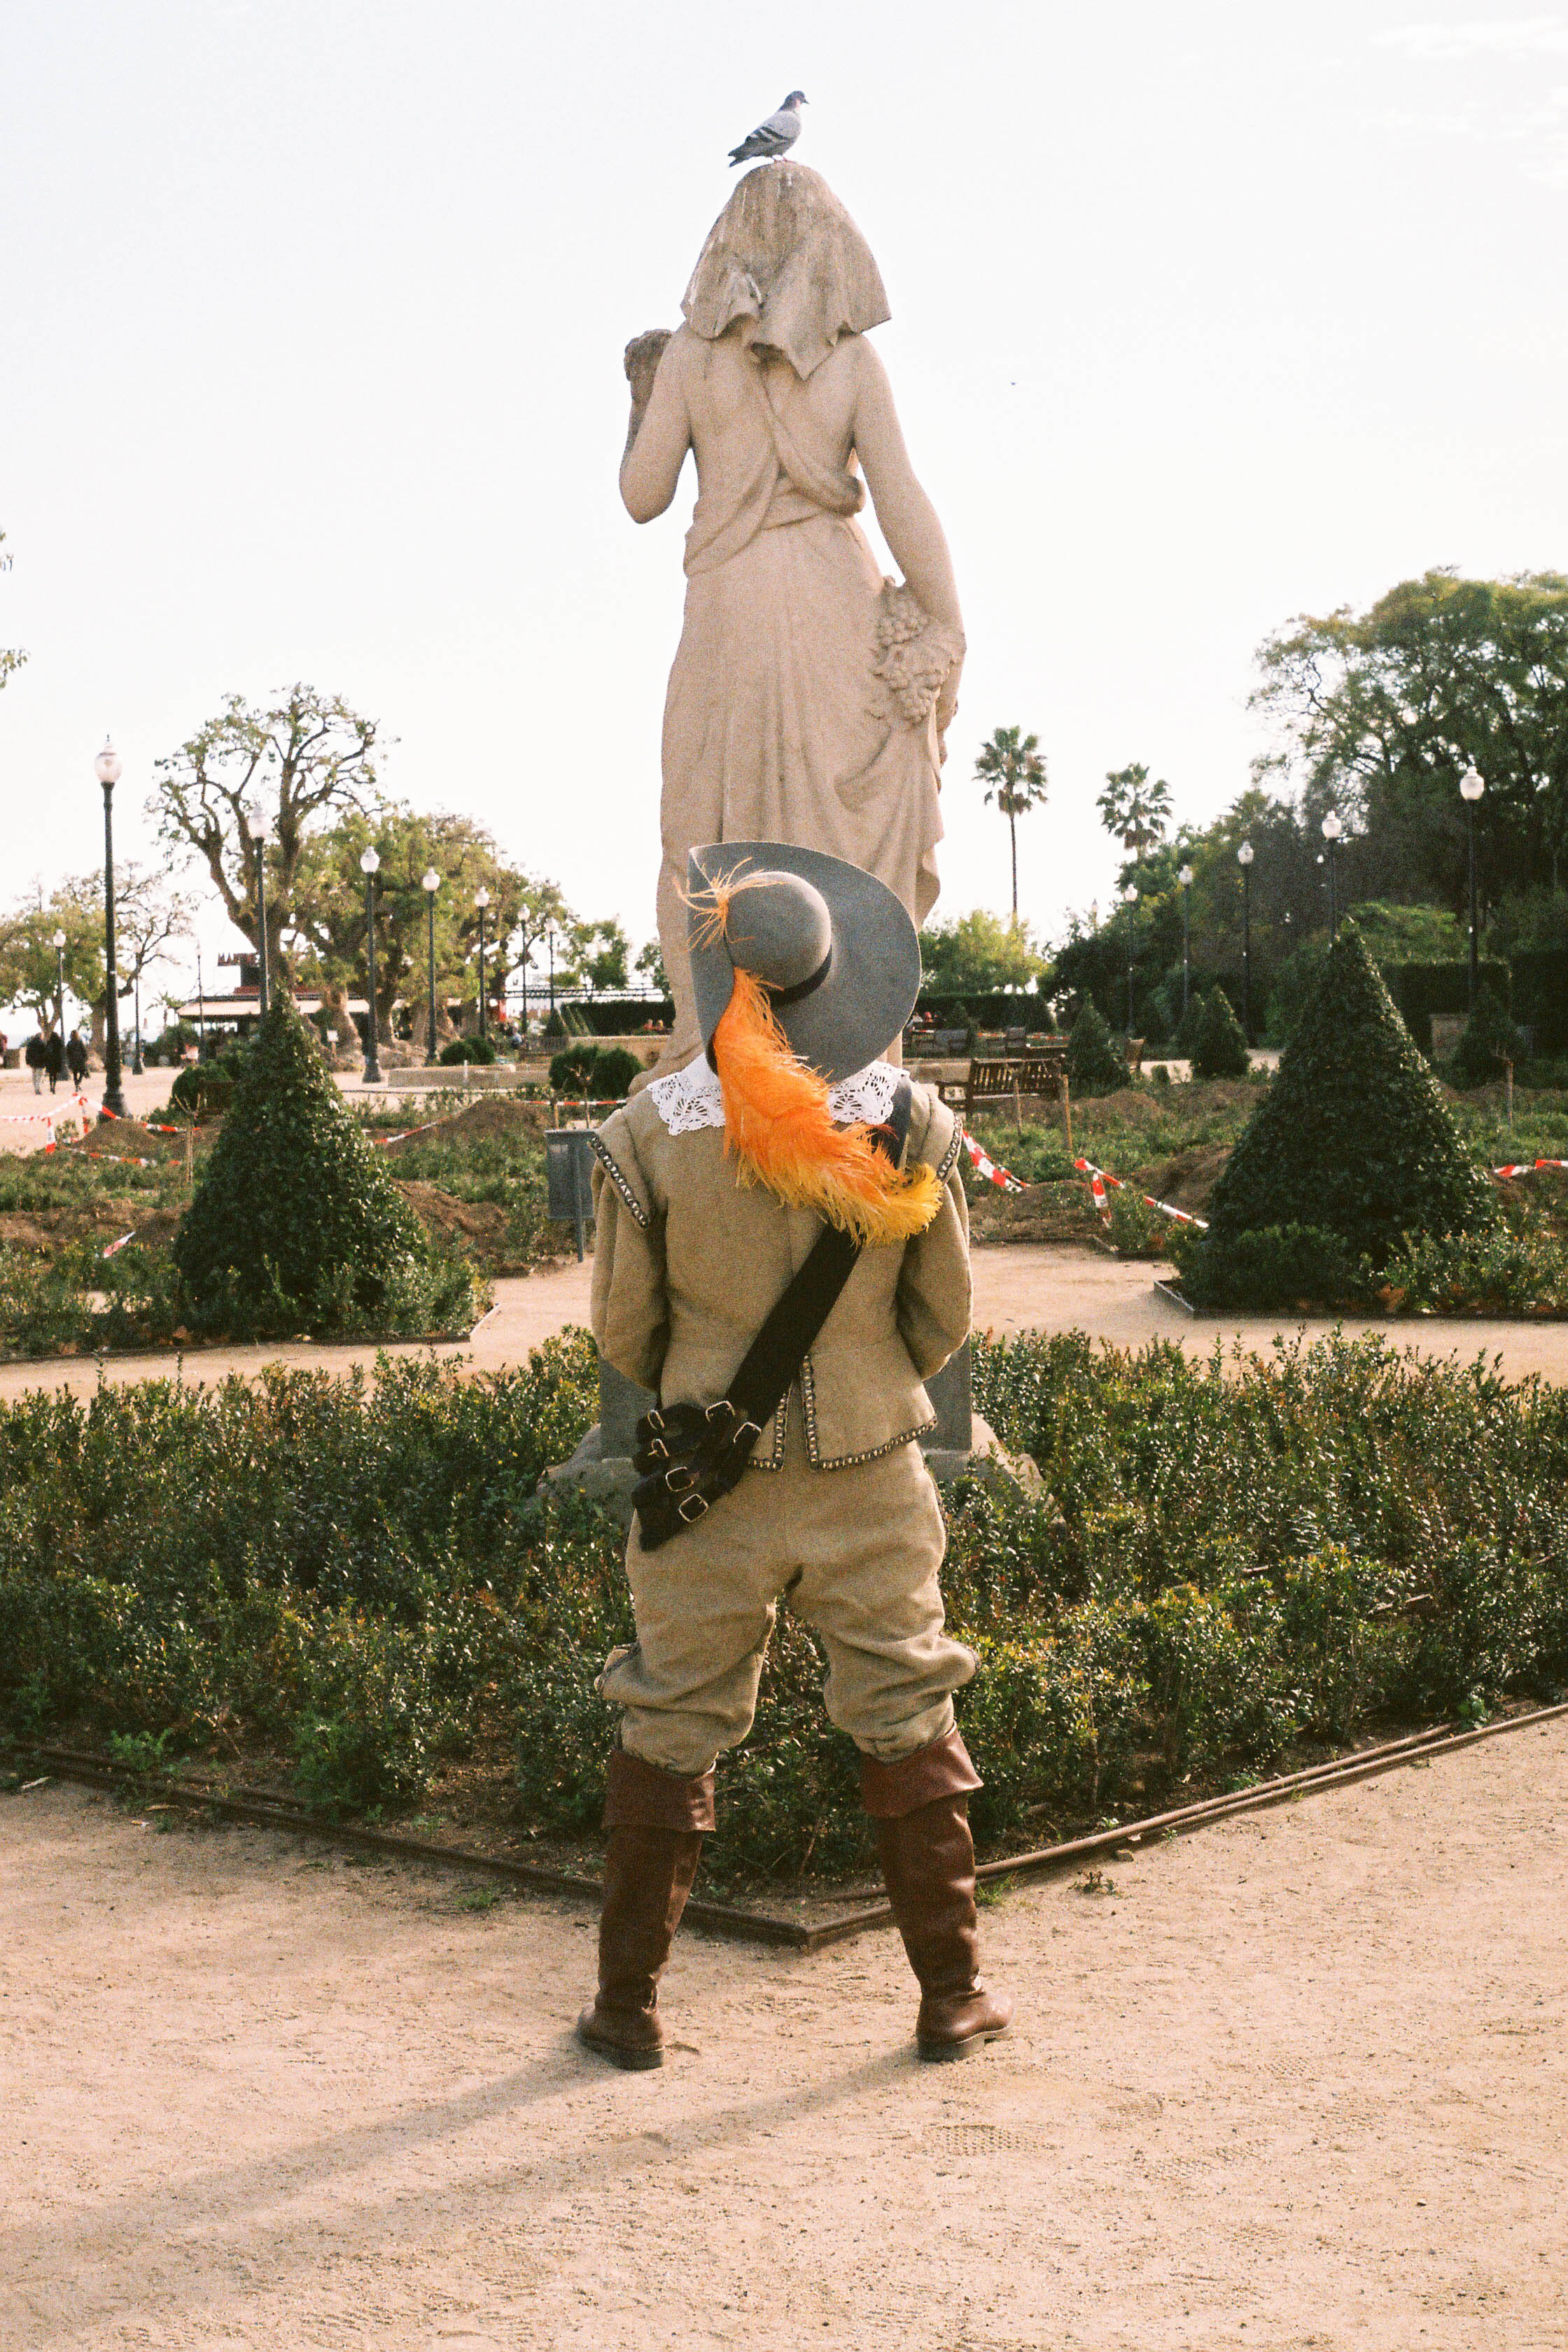 http://lafilladelfotografu.irenavisa.com/files/gimgs/98_f1000066-1.jpg